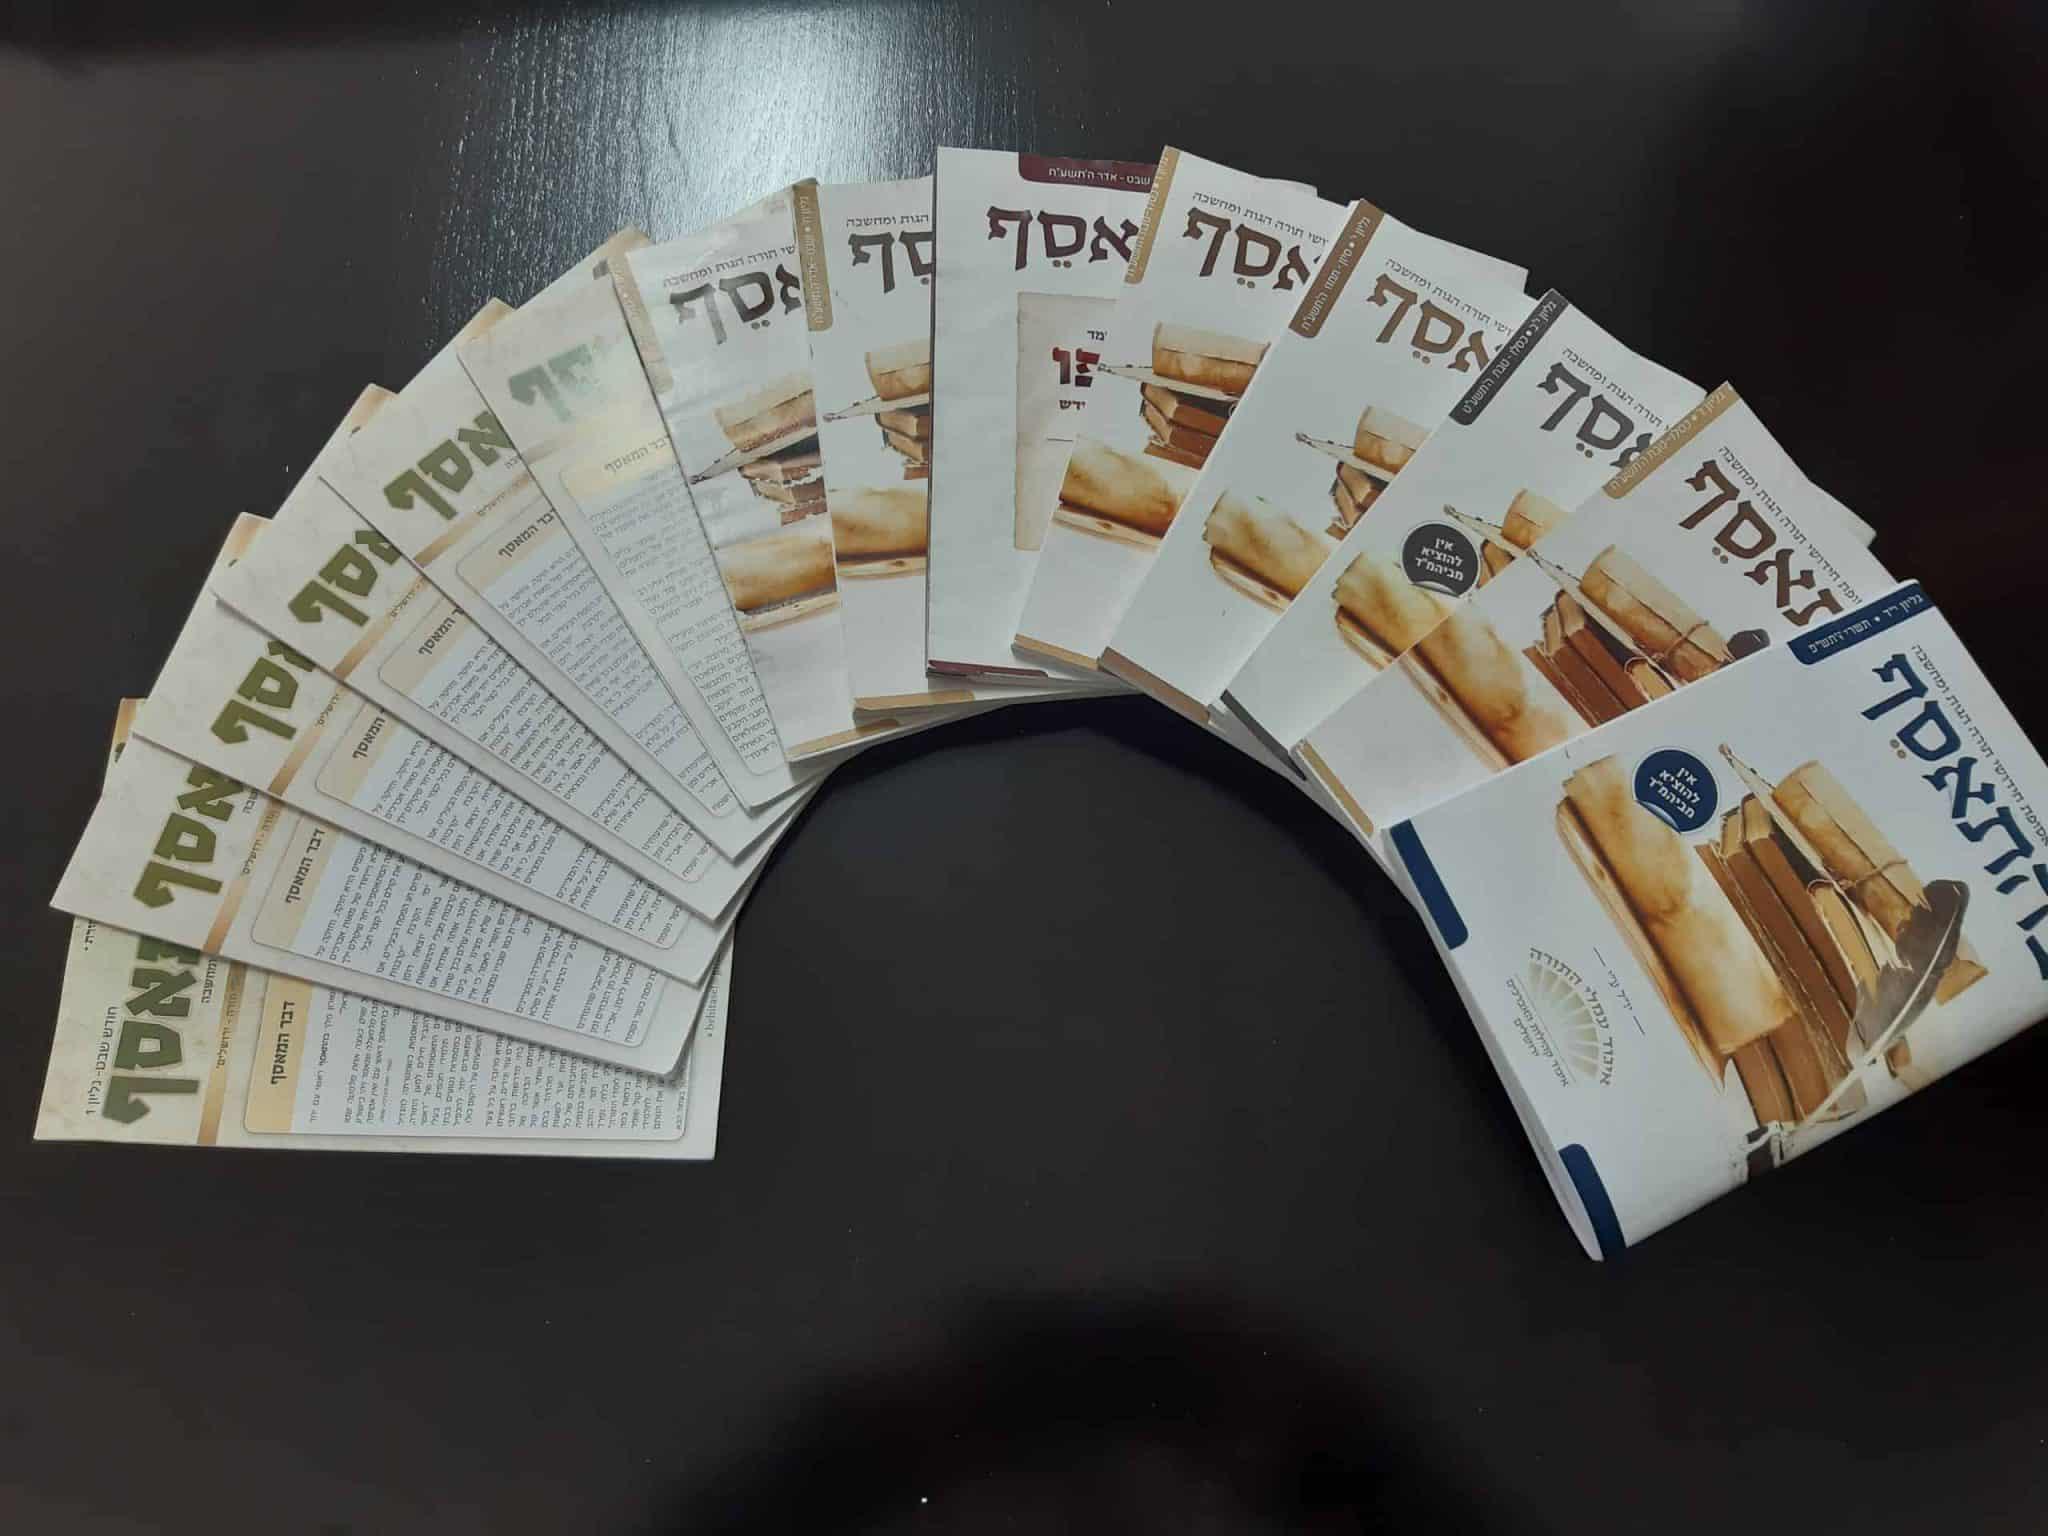 קובץ בהתאסף - איגוד עמלי תורה בירושלים